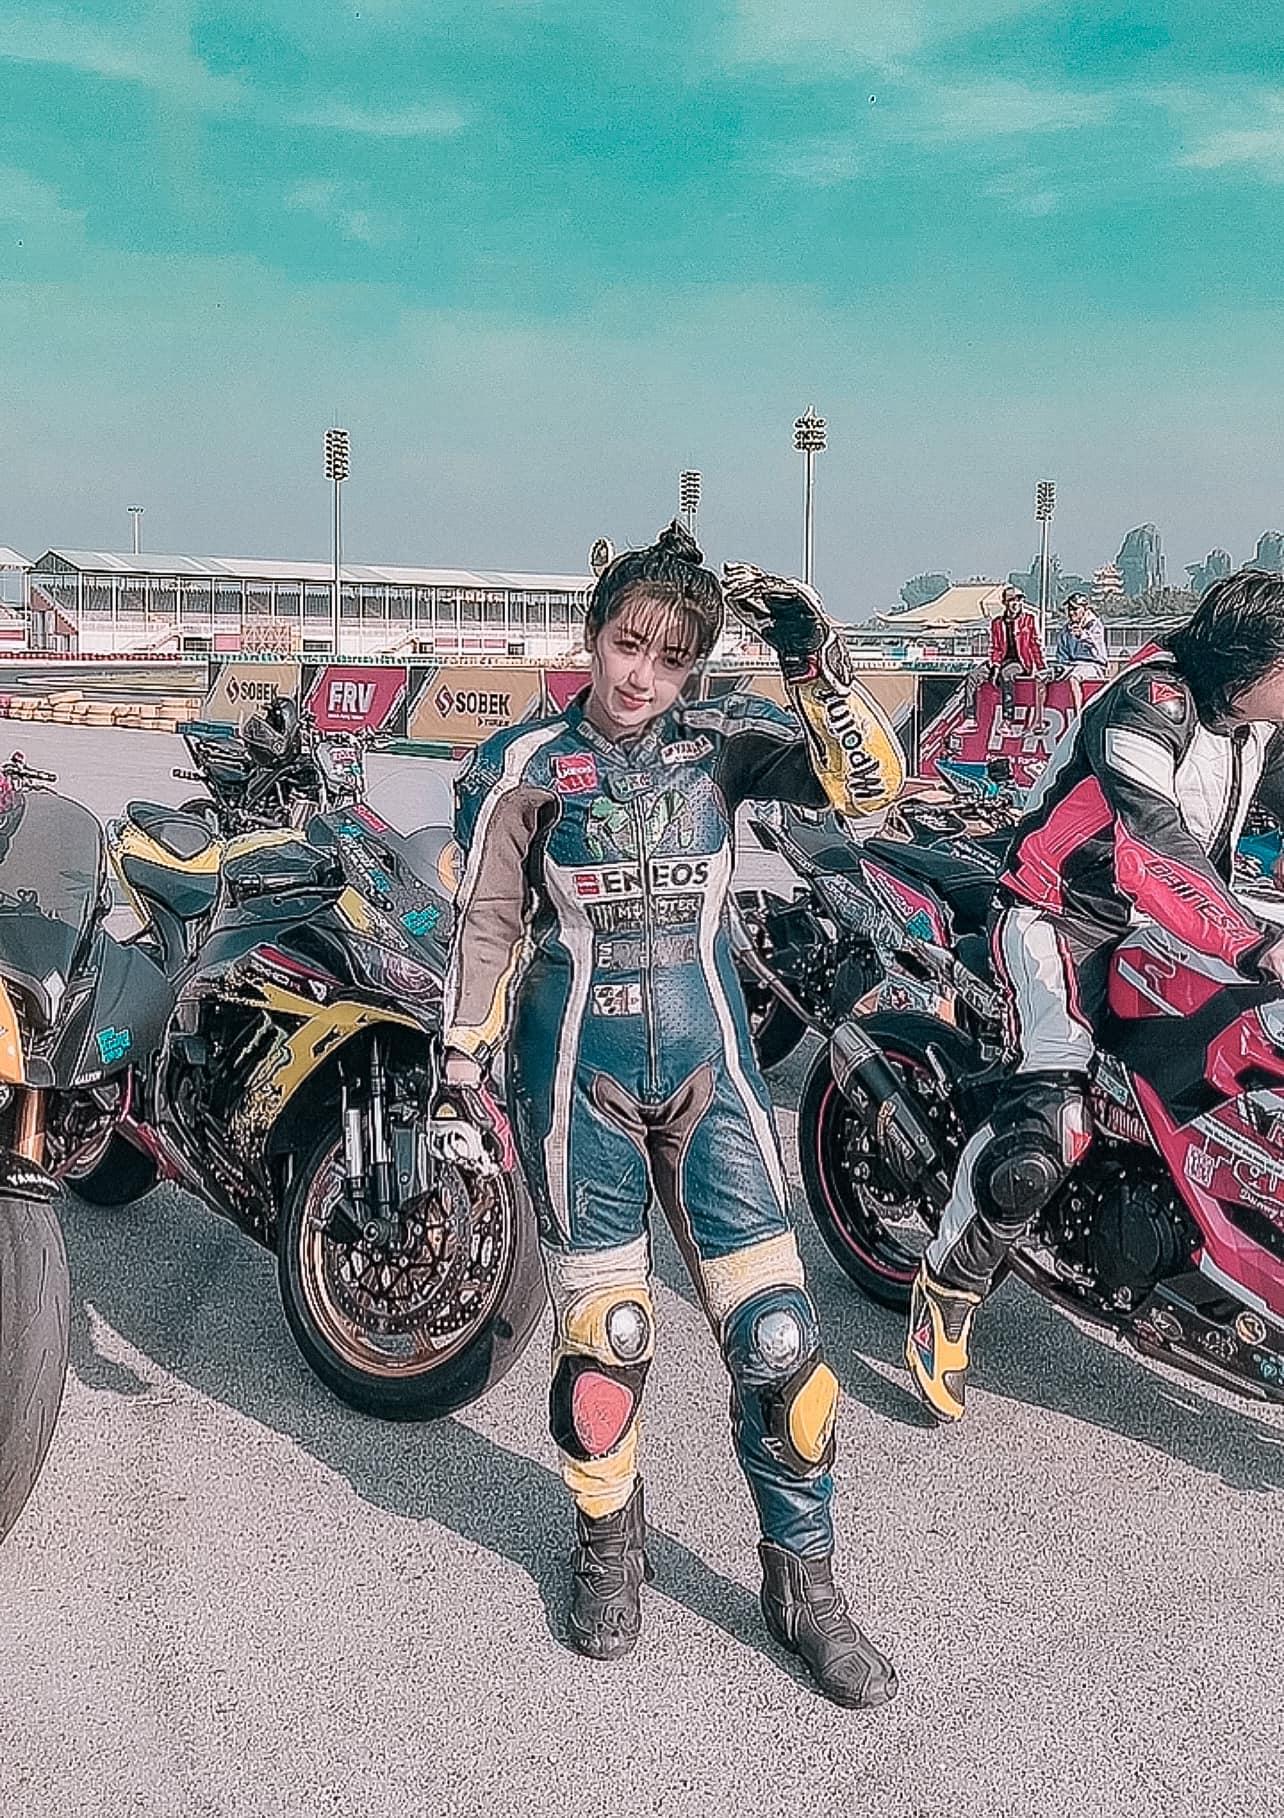 Phạm Đăng Anh Thư nổi tiếng với hit Thiên Đàng cùng rapper Wowy tham gia giải đua Awakening Road 2021 3465